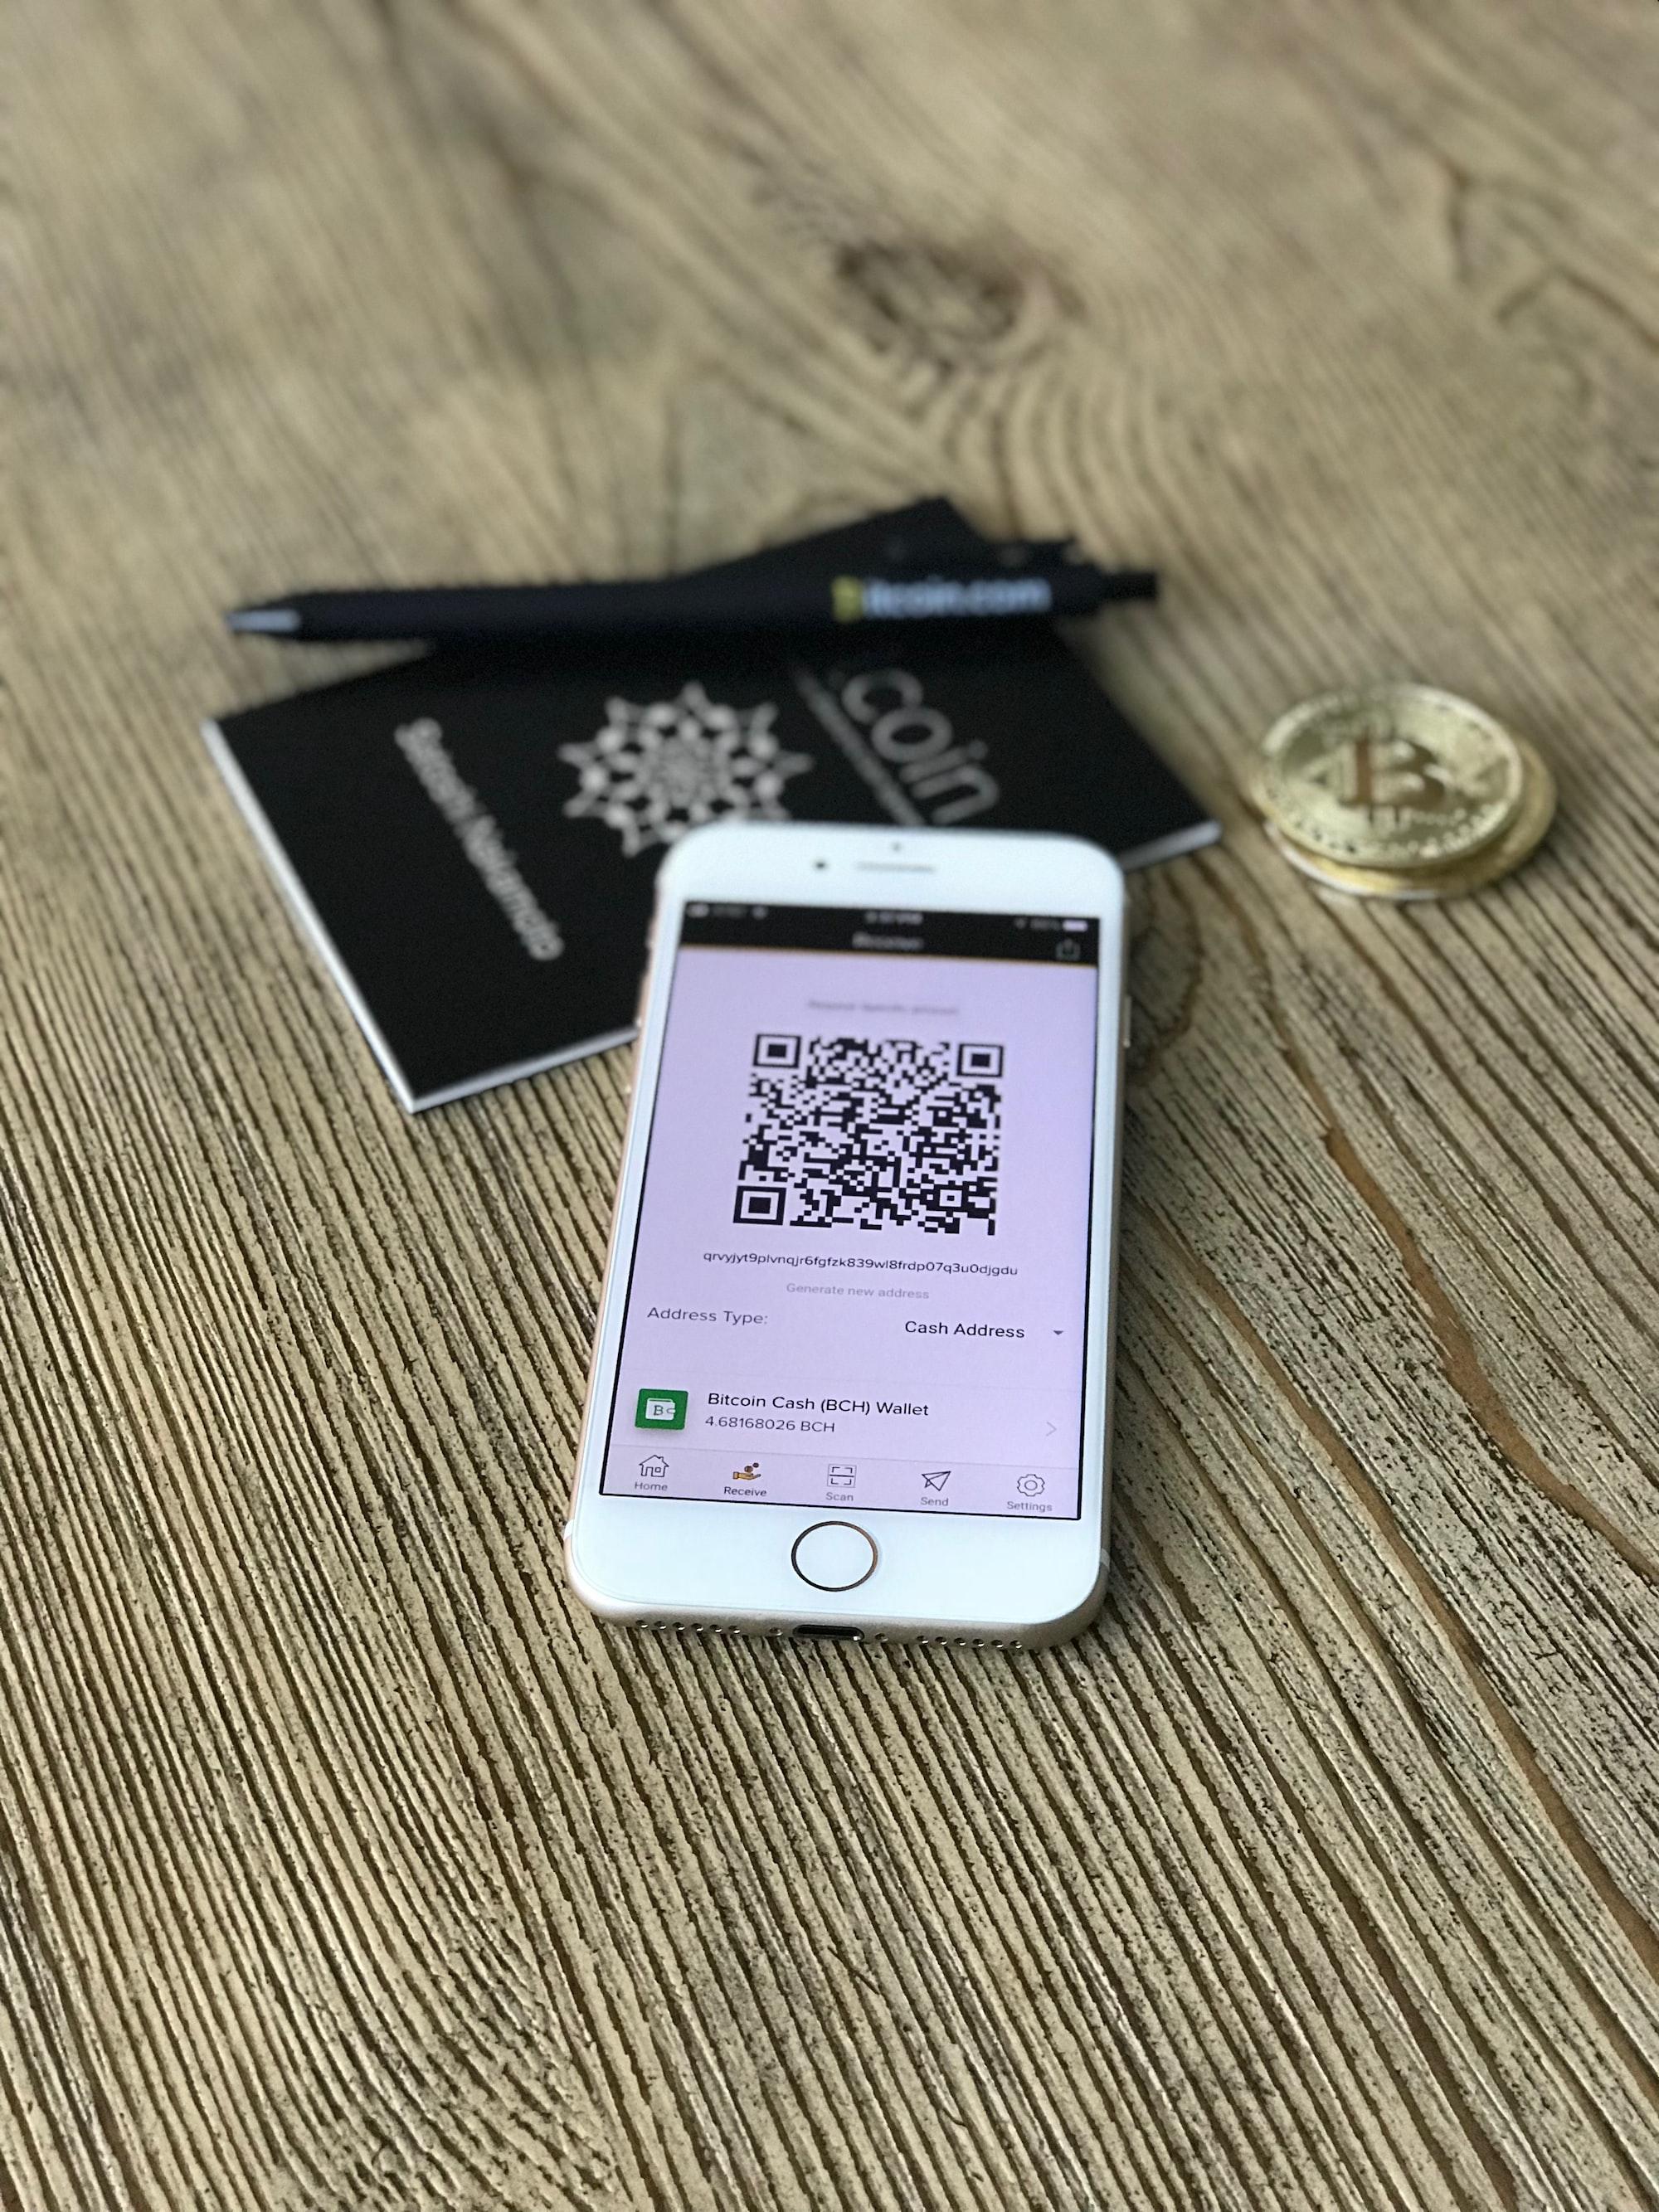 Bitcoin Cash (BCH) Wallet